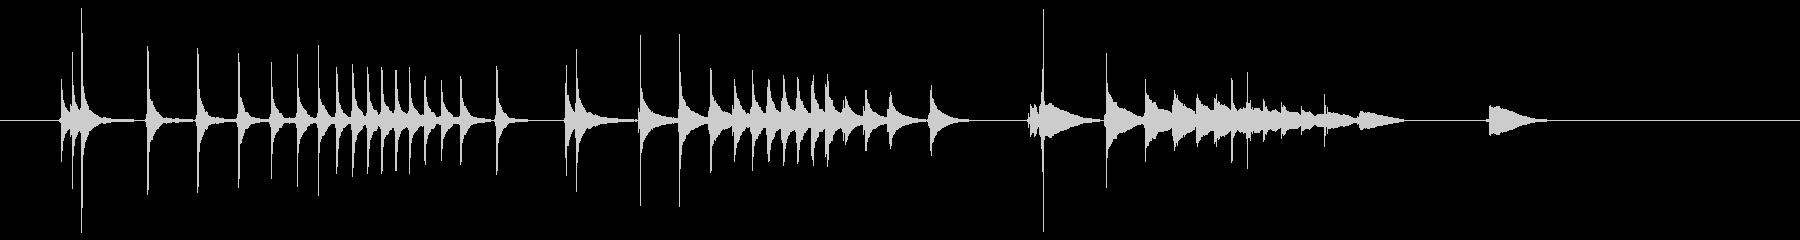 三味線10テテテテツツツツドドドド生音長の未再生の波形